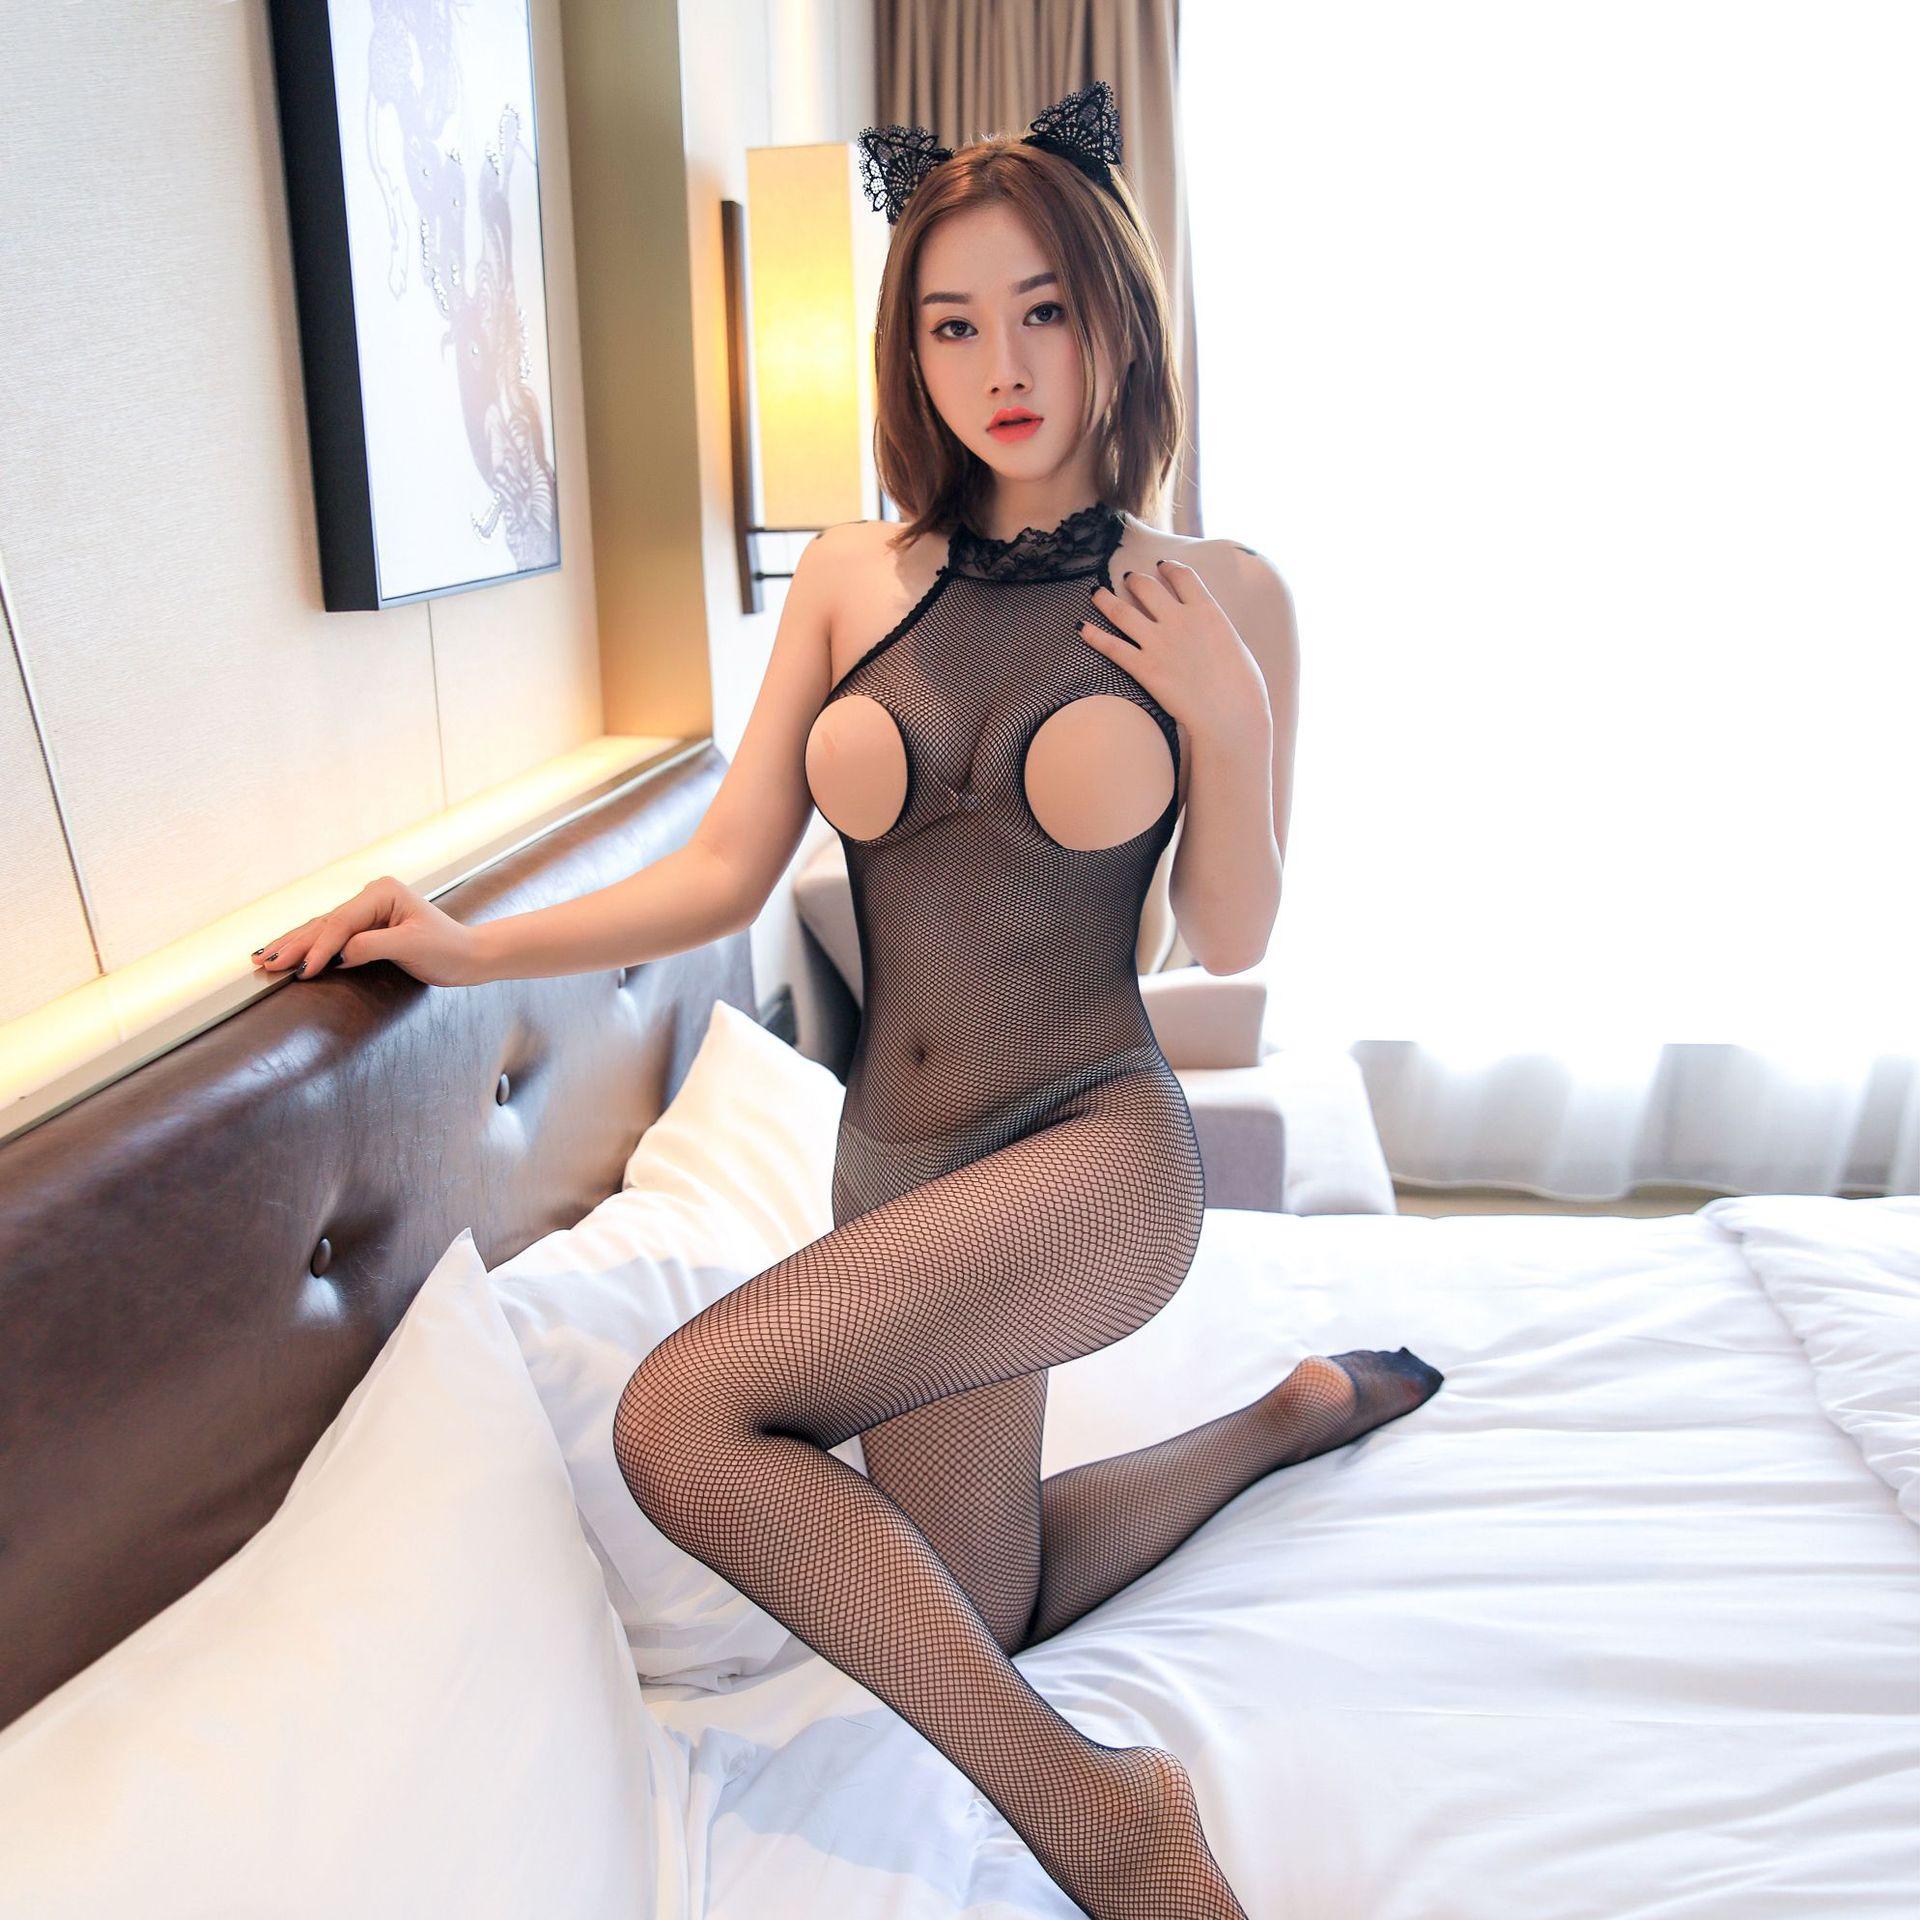 情趣内衣超骚衣服方便开档丝袜激情套装性感变态挑逗透明诱惑女骚